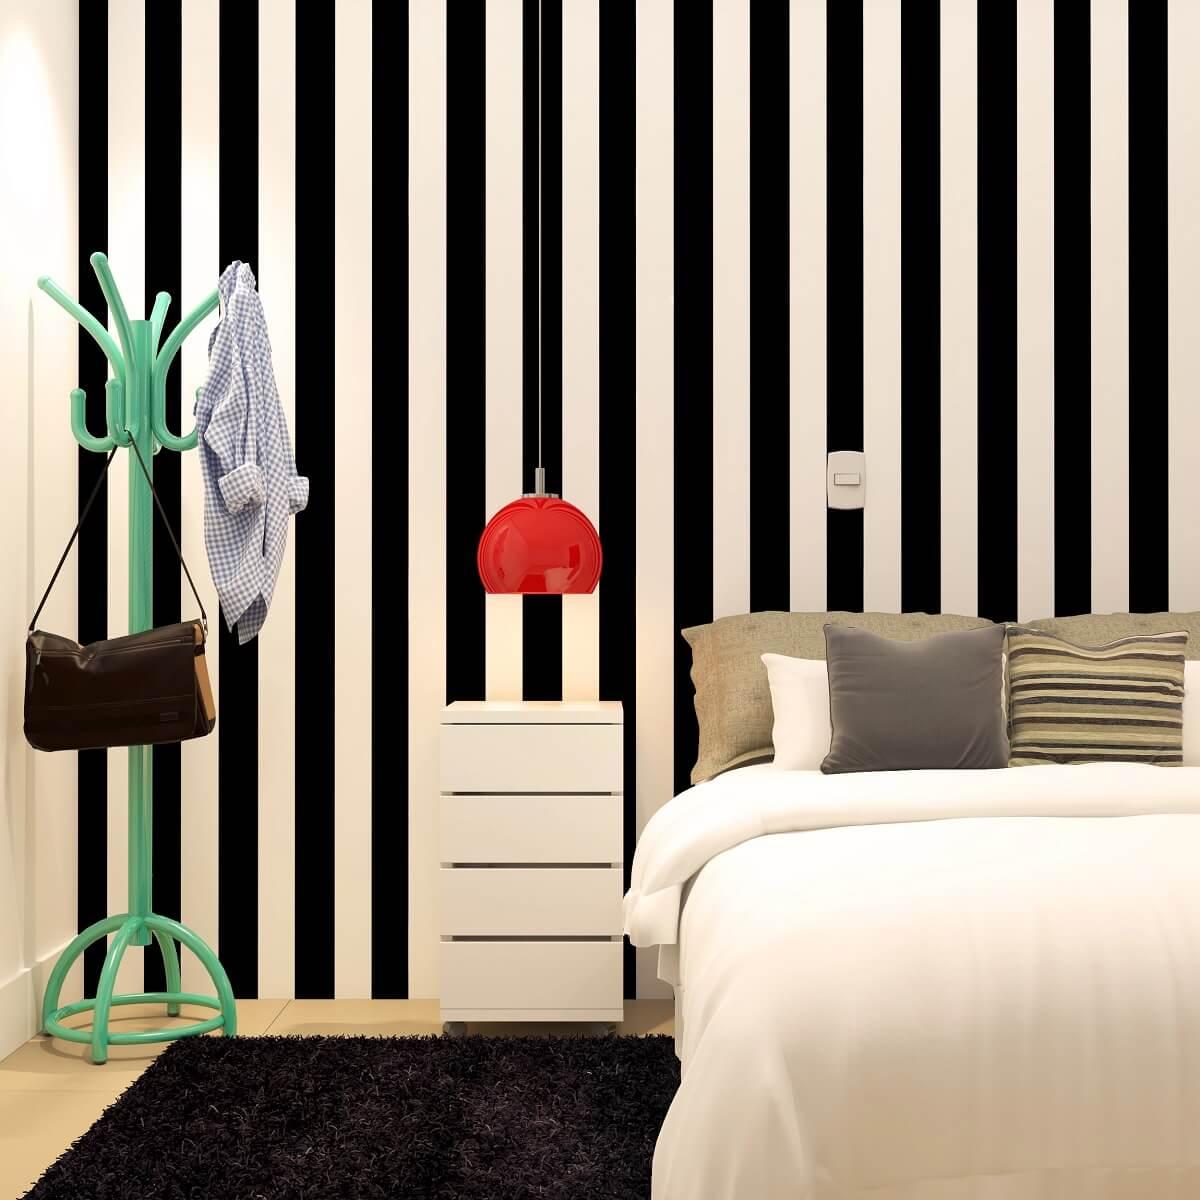 luminária vermelha para decoração de quarto com papel de parede listrado